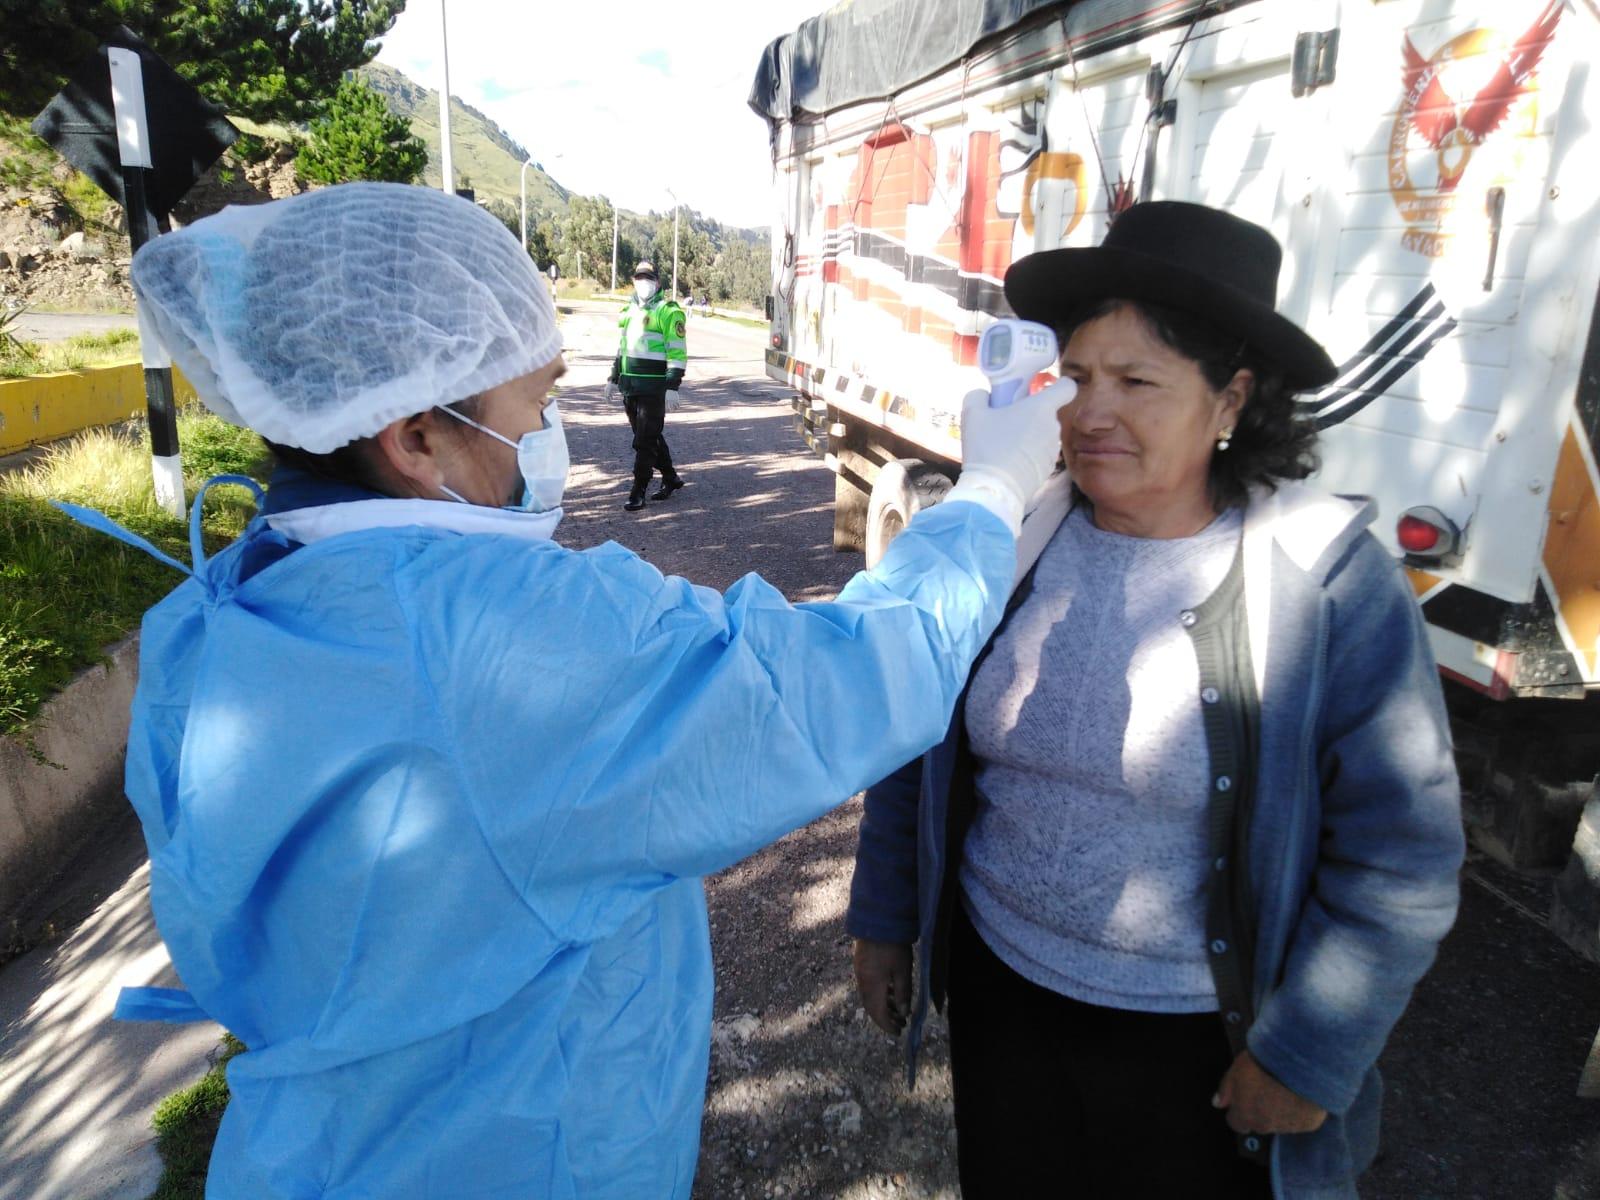 Municipalidad de Huamanga realiza control sanitario en peaje de Socos